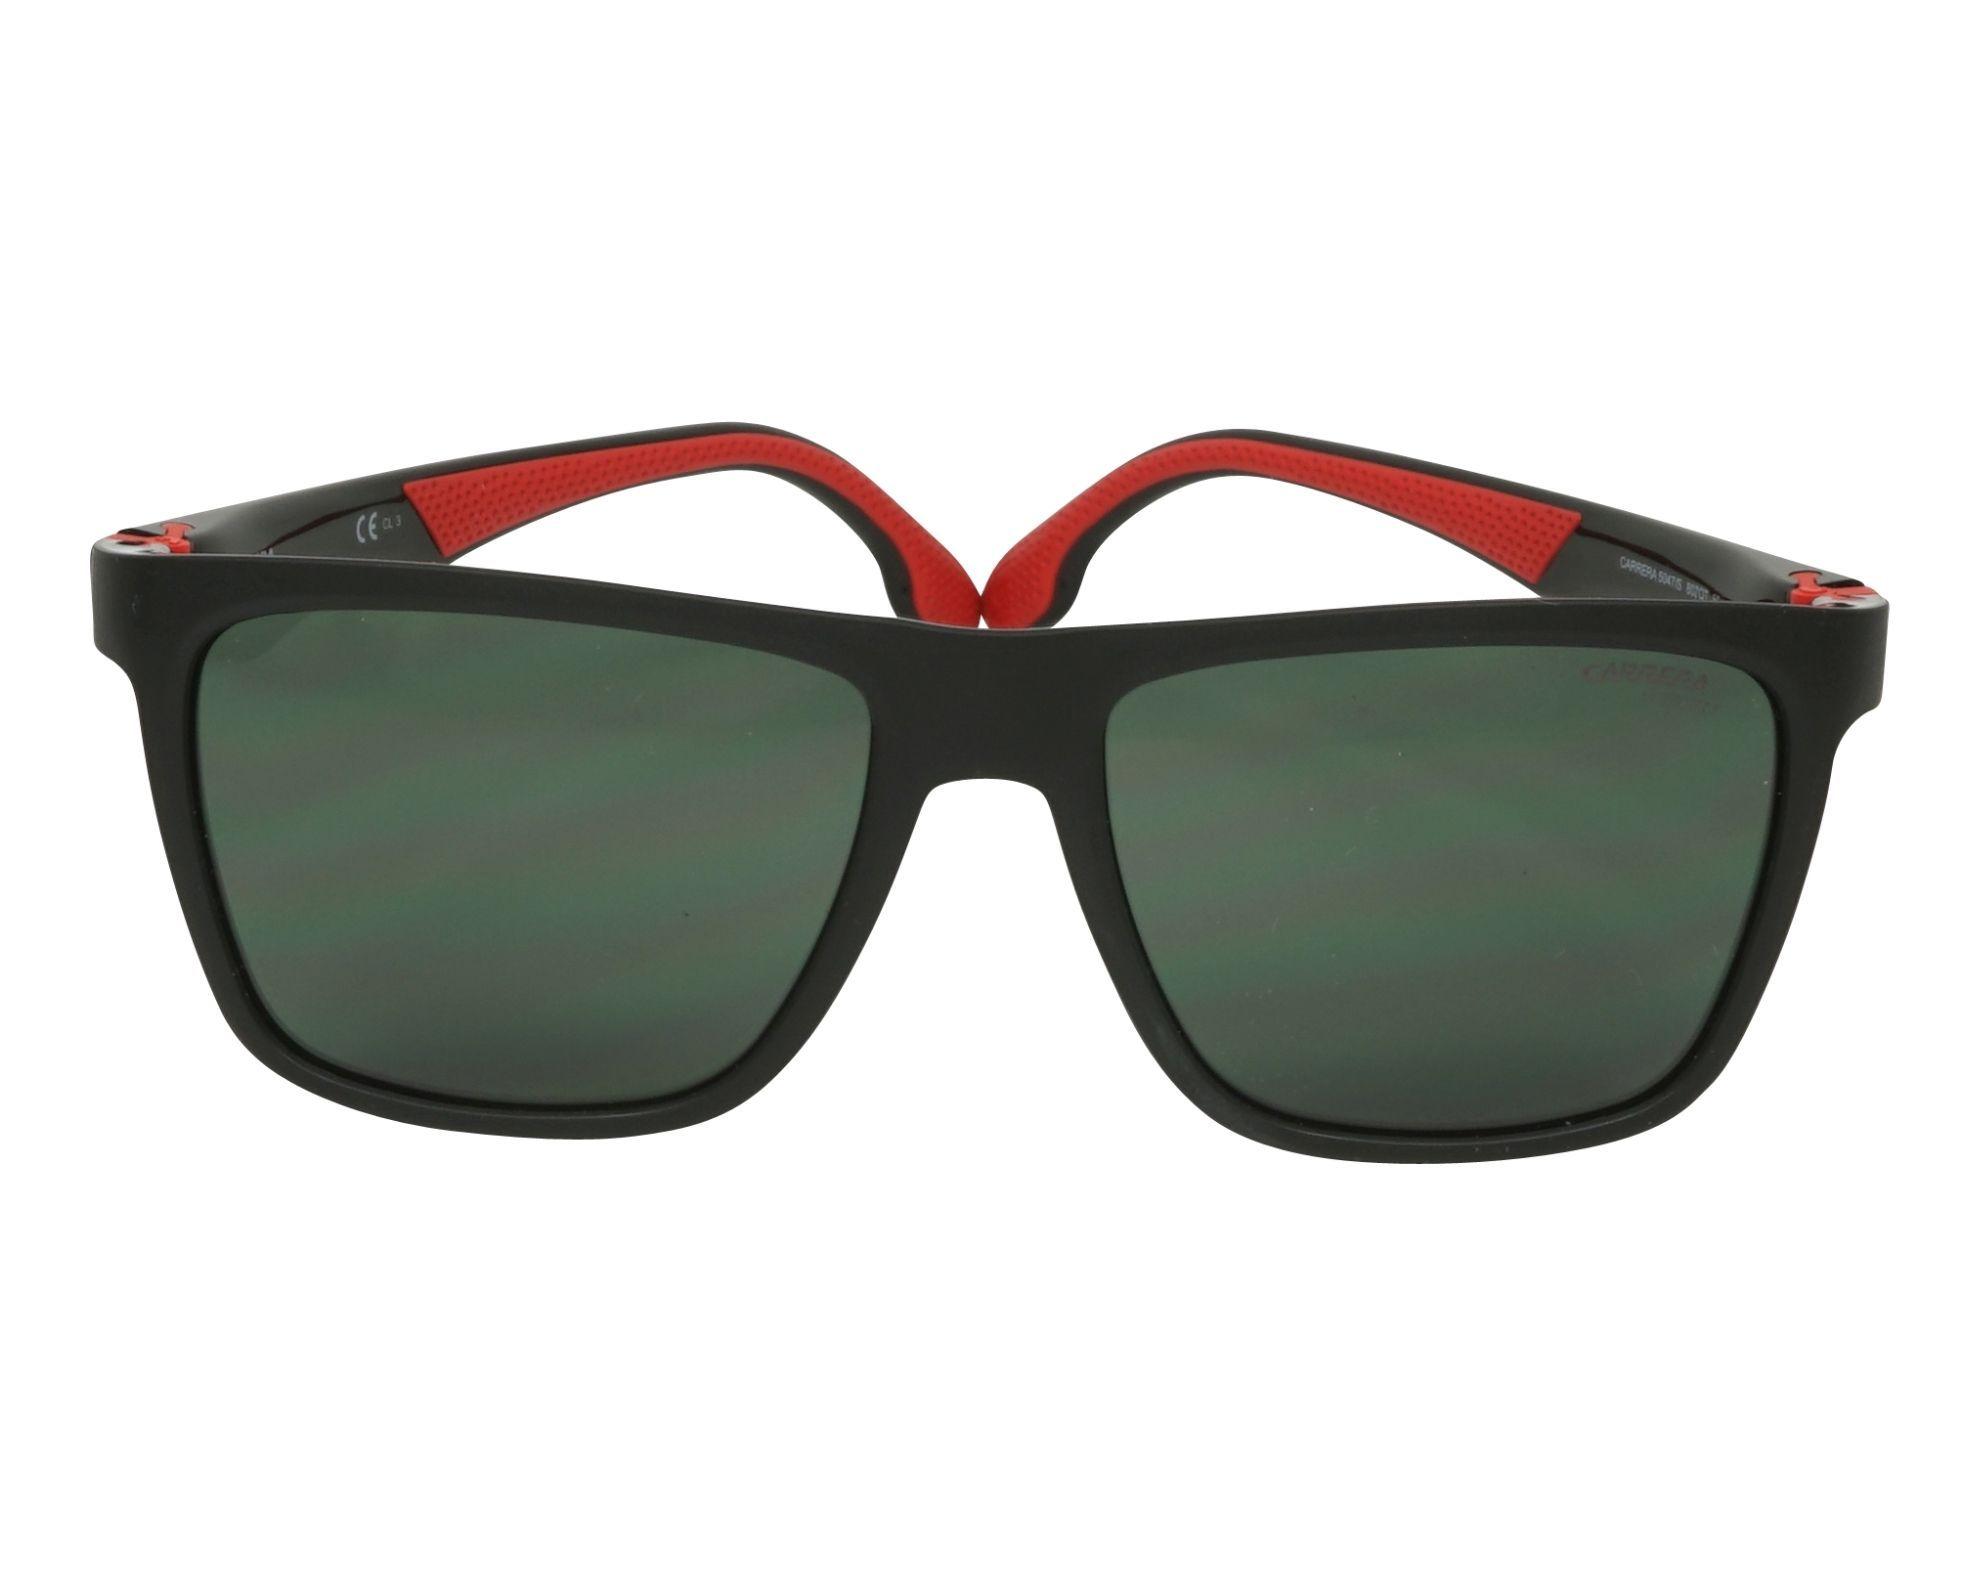 cb6873d520720 Óculos De Sol Carrera Masculino 5047 s 807qt - Omega Ótica e Relojoaria